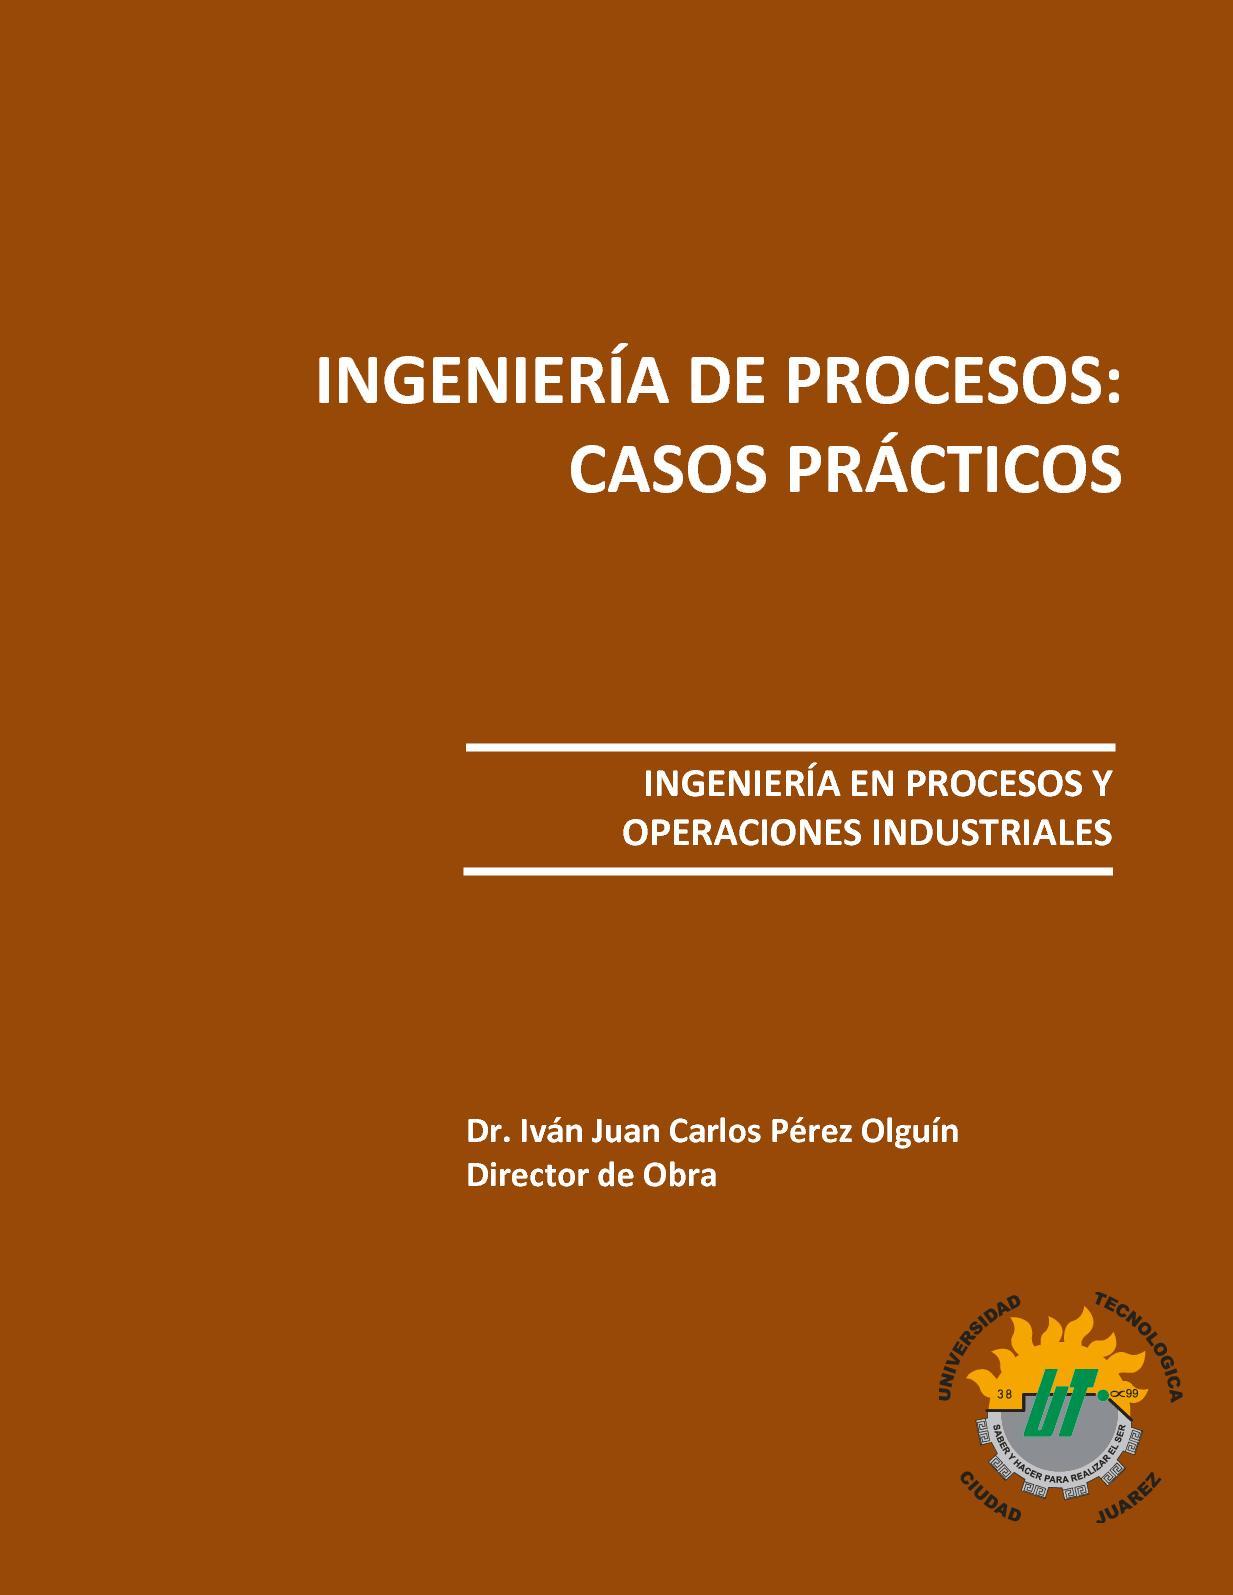 Calaméo - Ingeniería De Procesos Casos Prácticos 2014